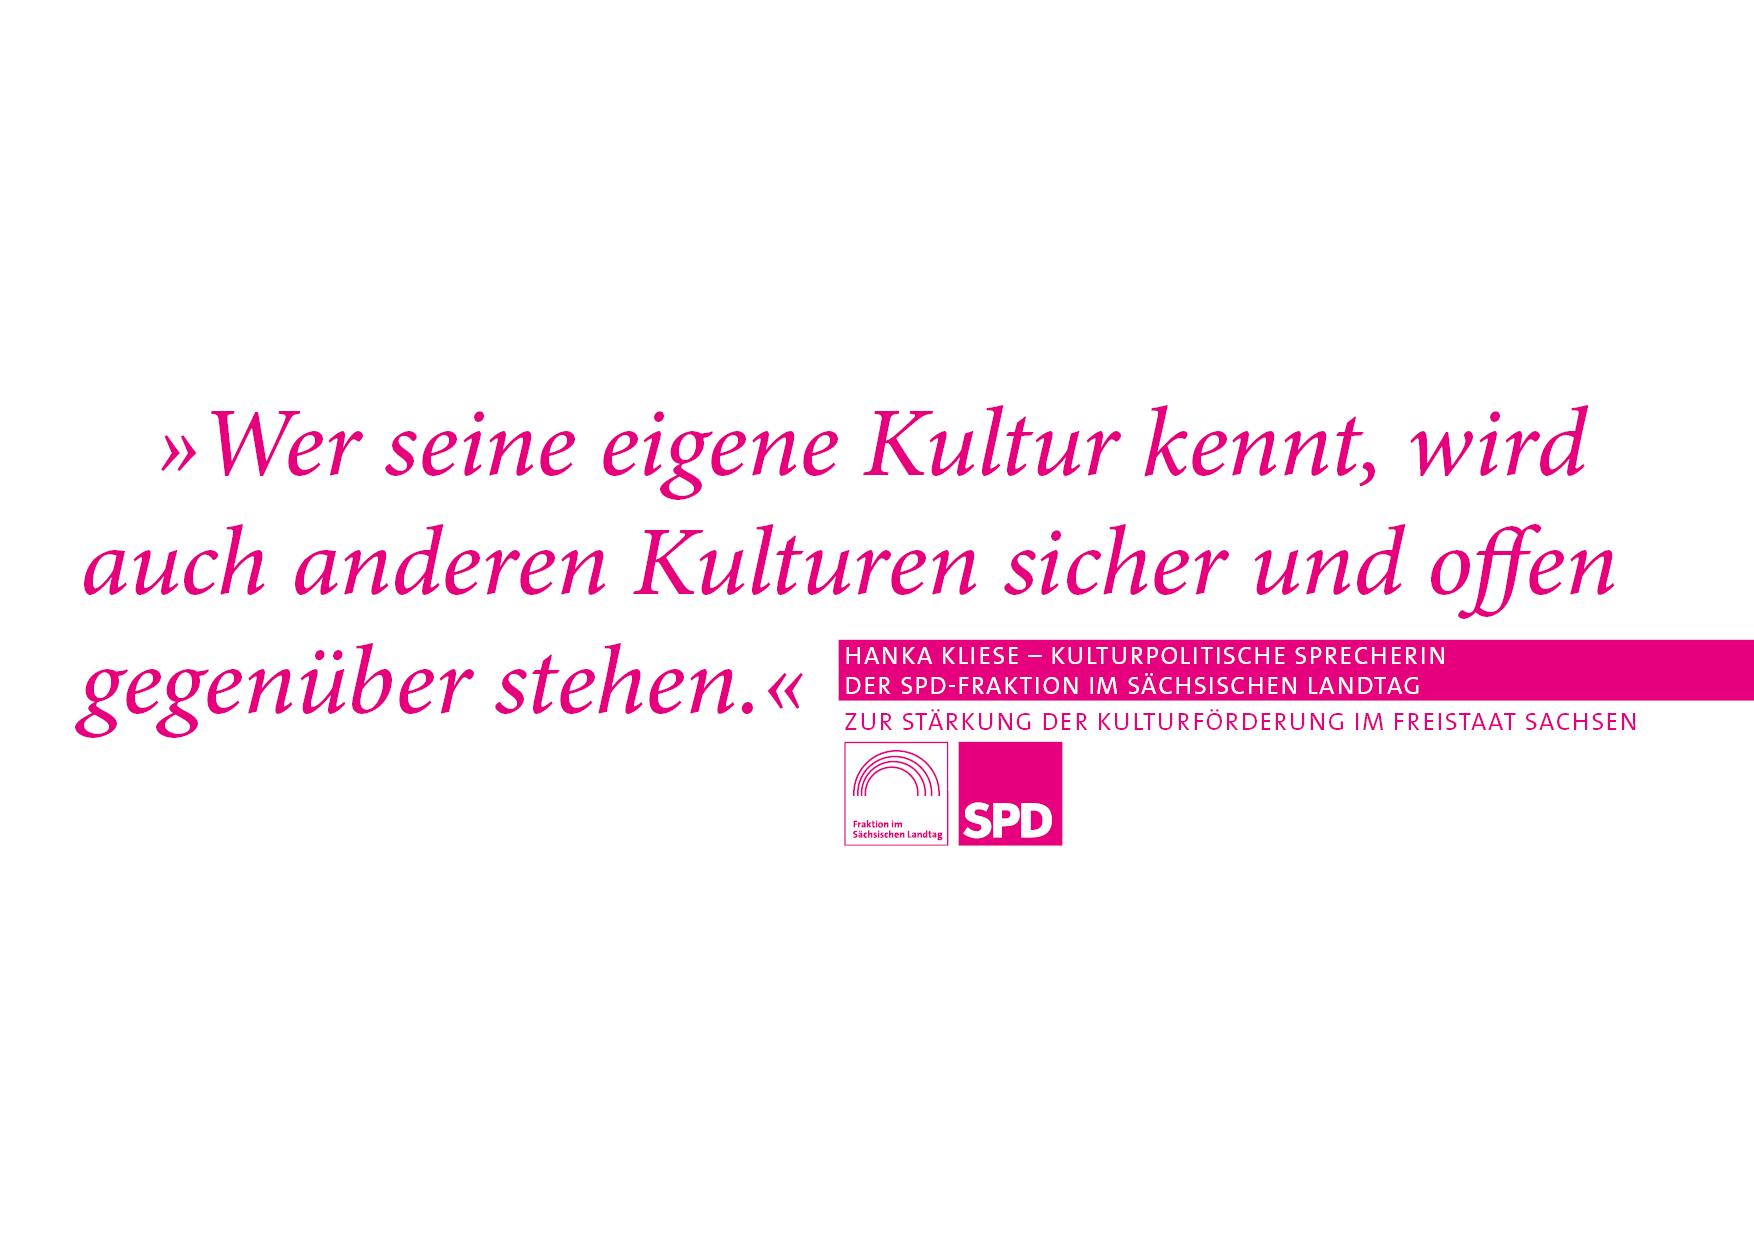 SPD-Fraktion begrüßt Stärkung der Landeskulturverbände und der Filmlandschaft